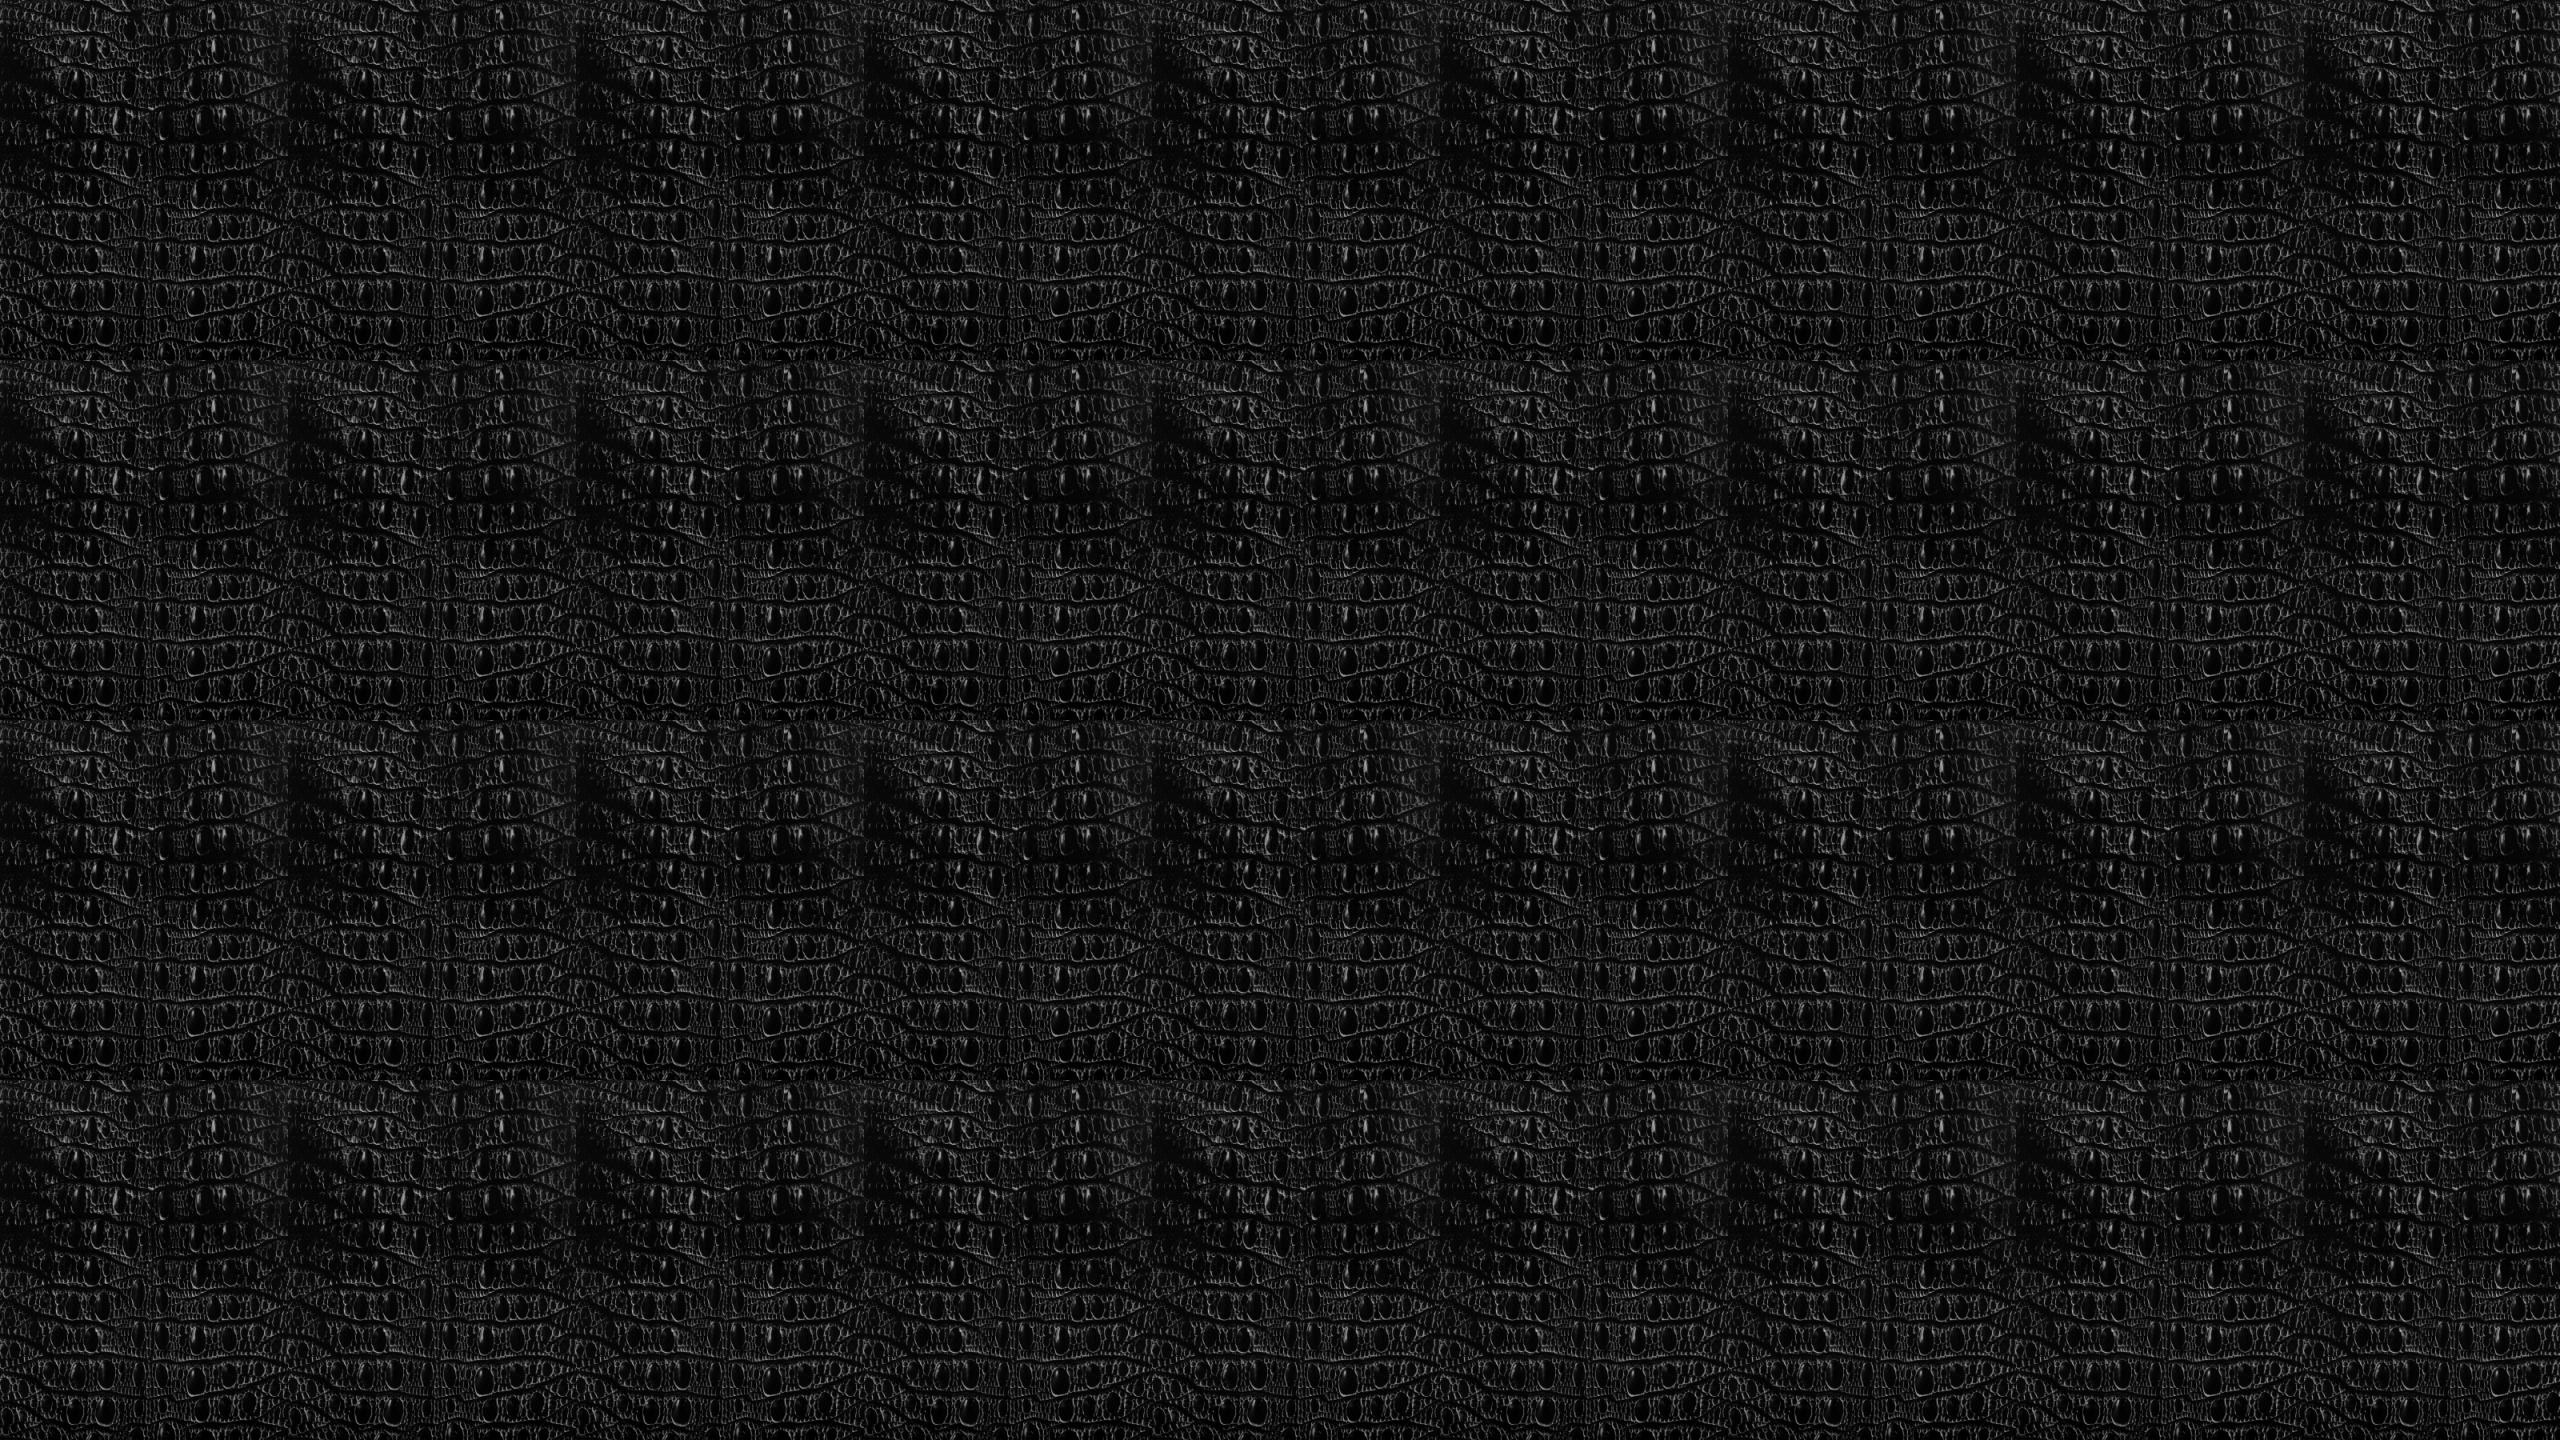 Black Snake Skin Wallpaper 2560x1440